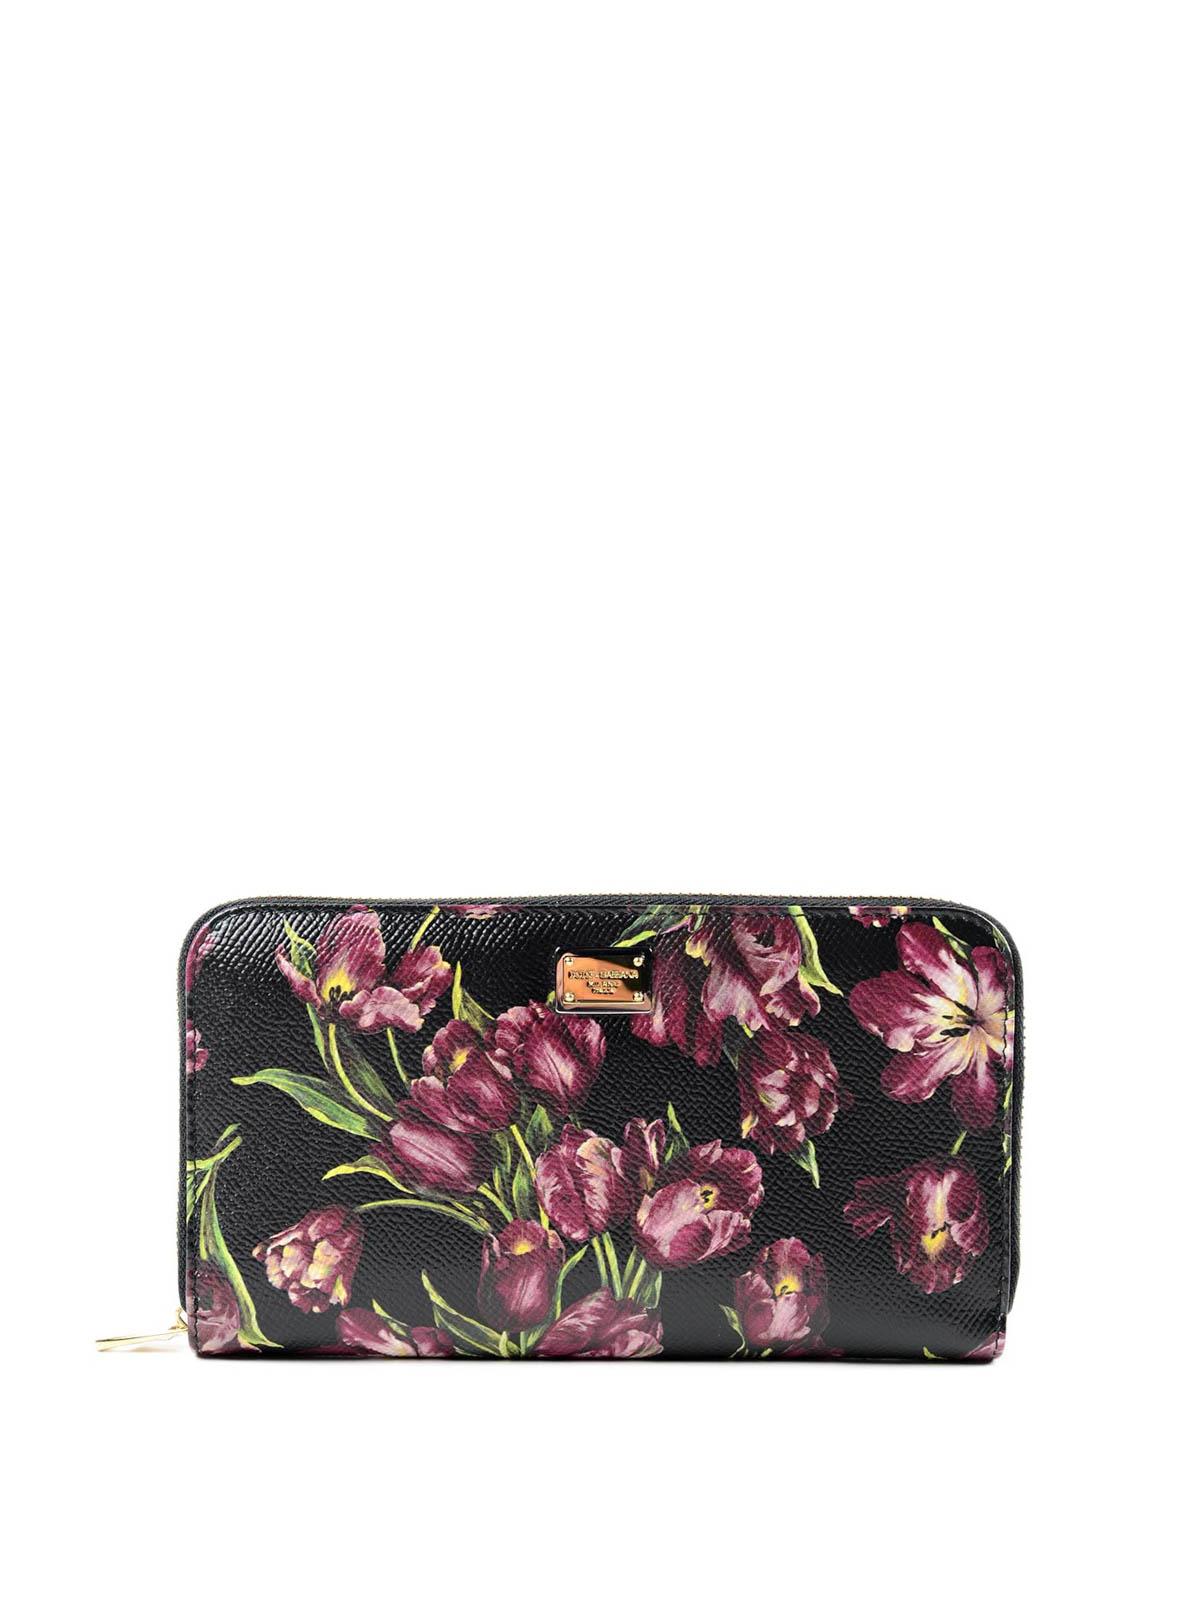 cheaper 5284d d1887 Dolce & Gabbana - Portafoglio stampa tulipani - portafogli ...